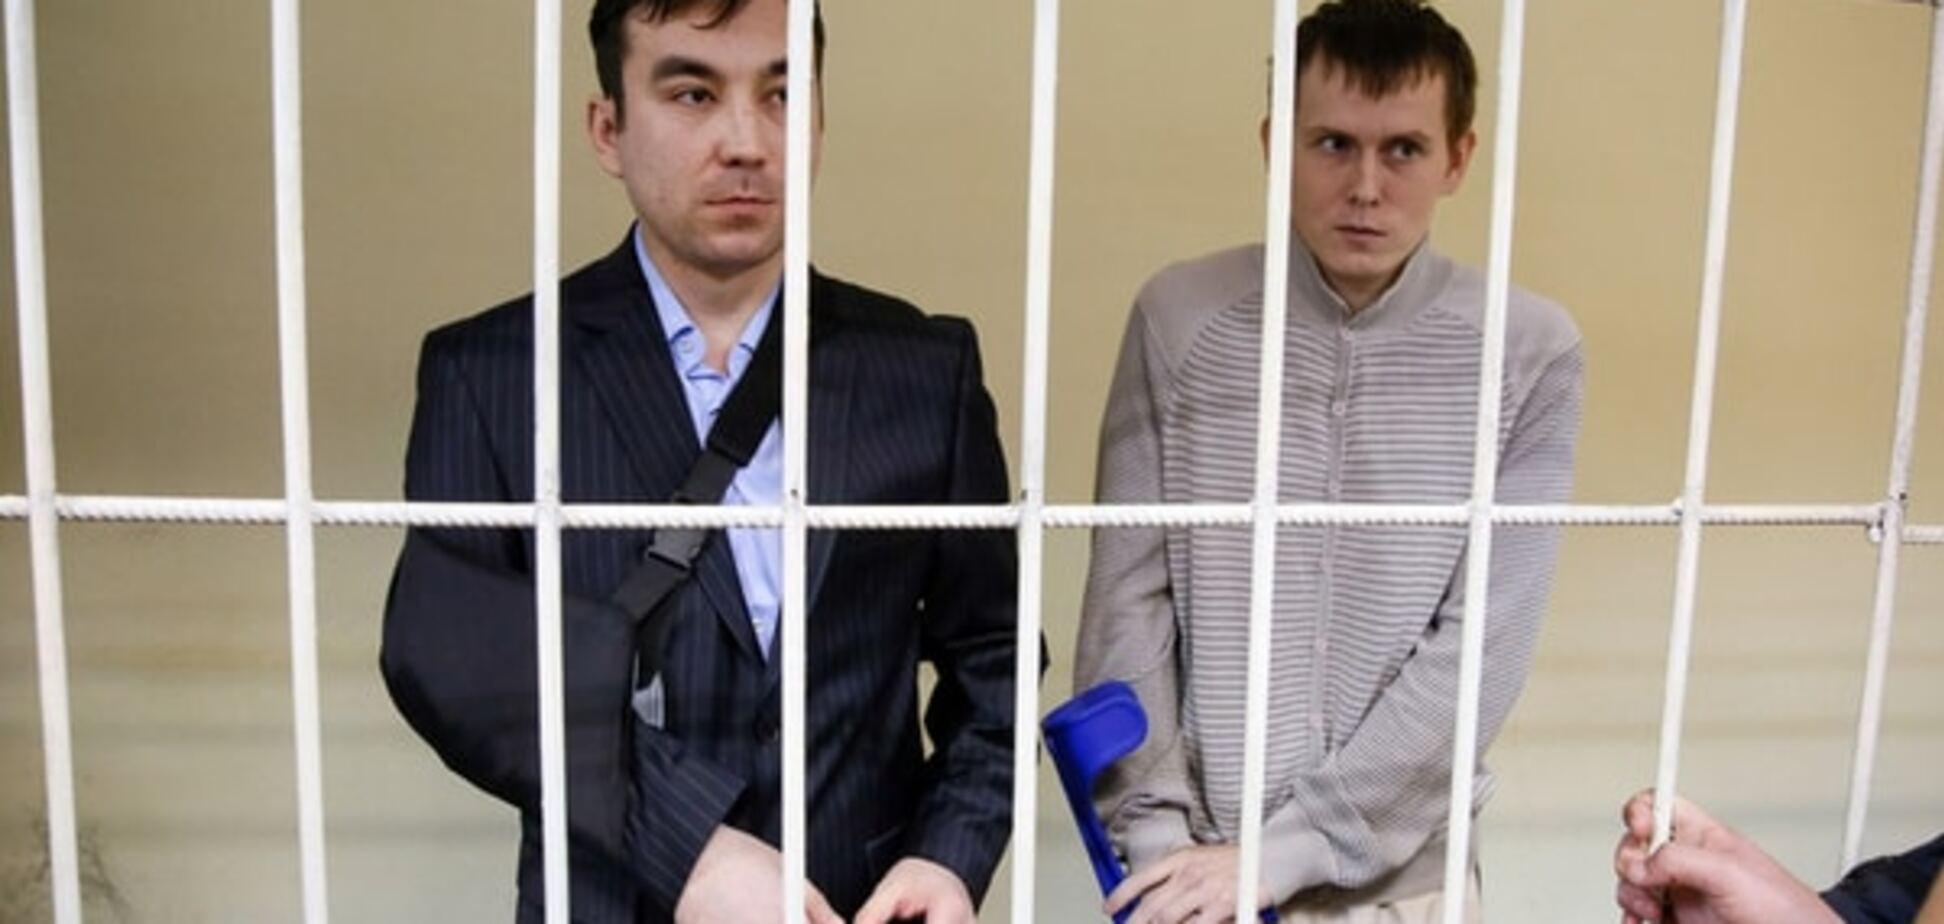 Полонені росіяни брешуть, що їх заманили на Донбас обманом - військовий РФ